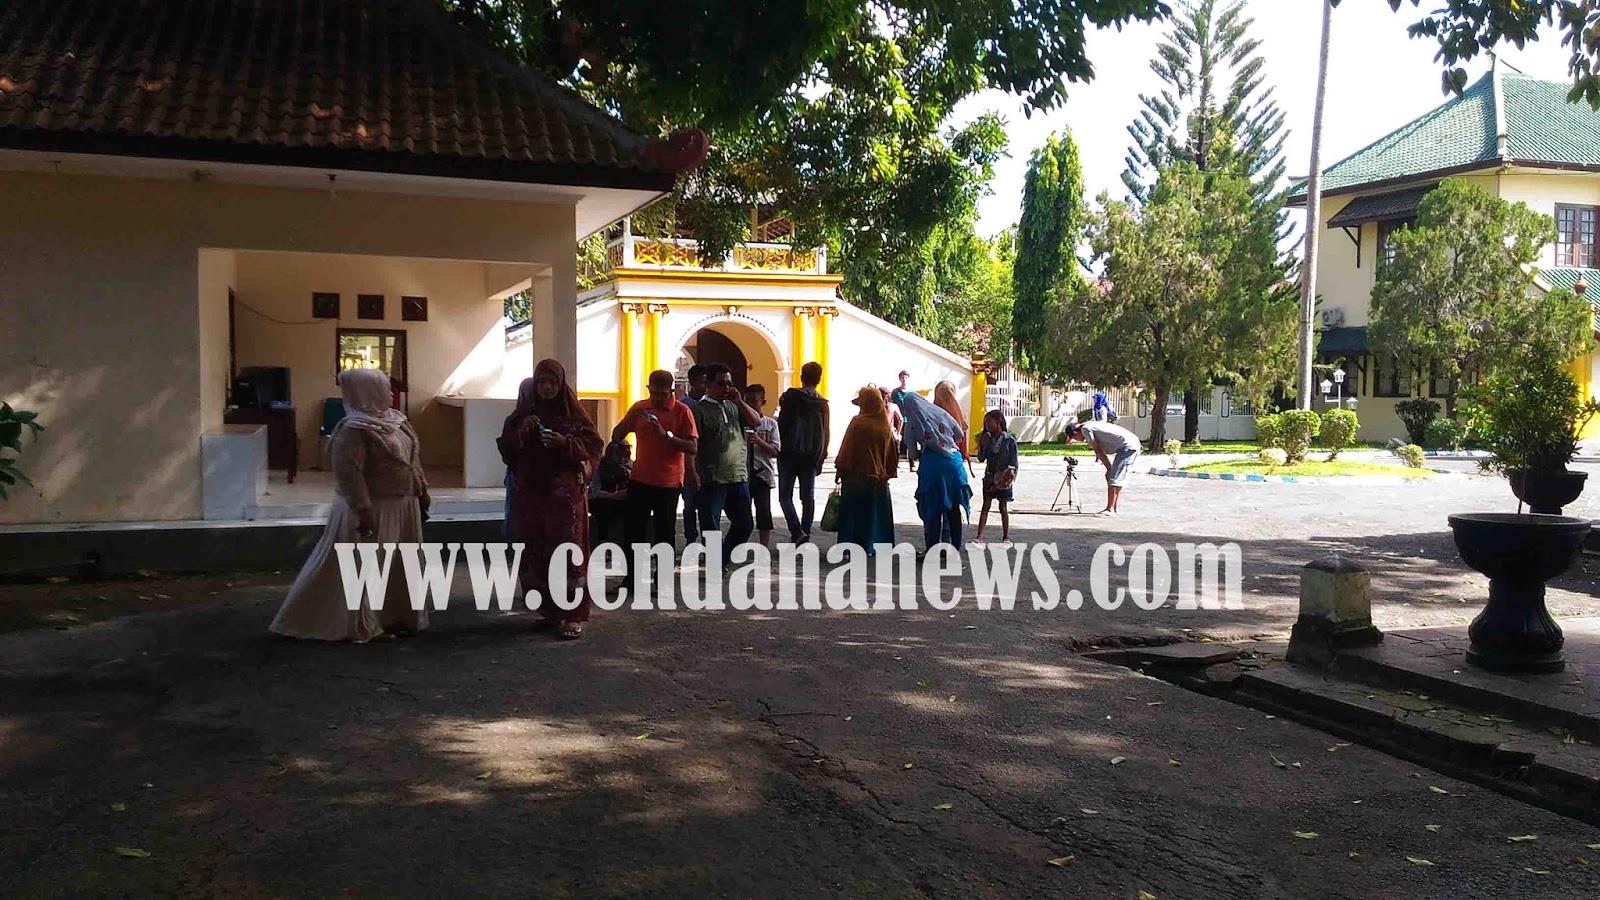 Libur Lebaran Pengunjung Museum Keraton Sumenep Meningkat Hingga Suasana Mendatangi